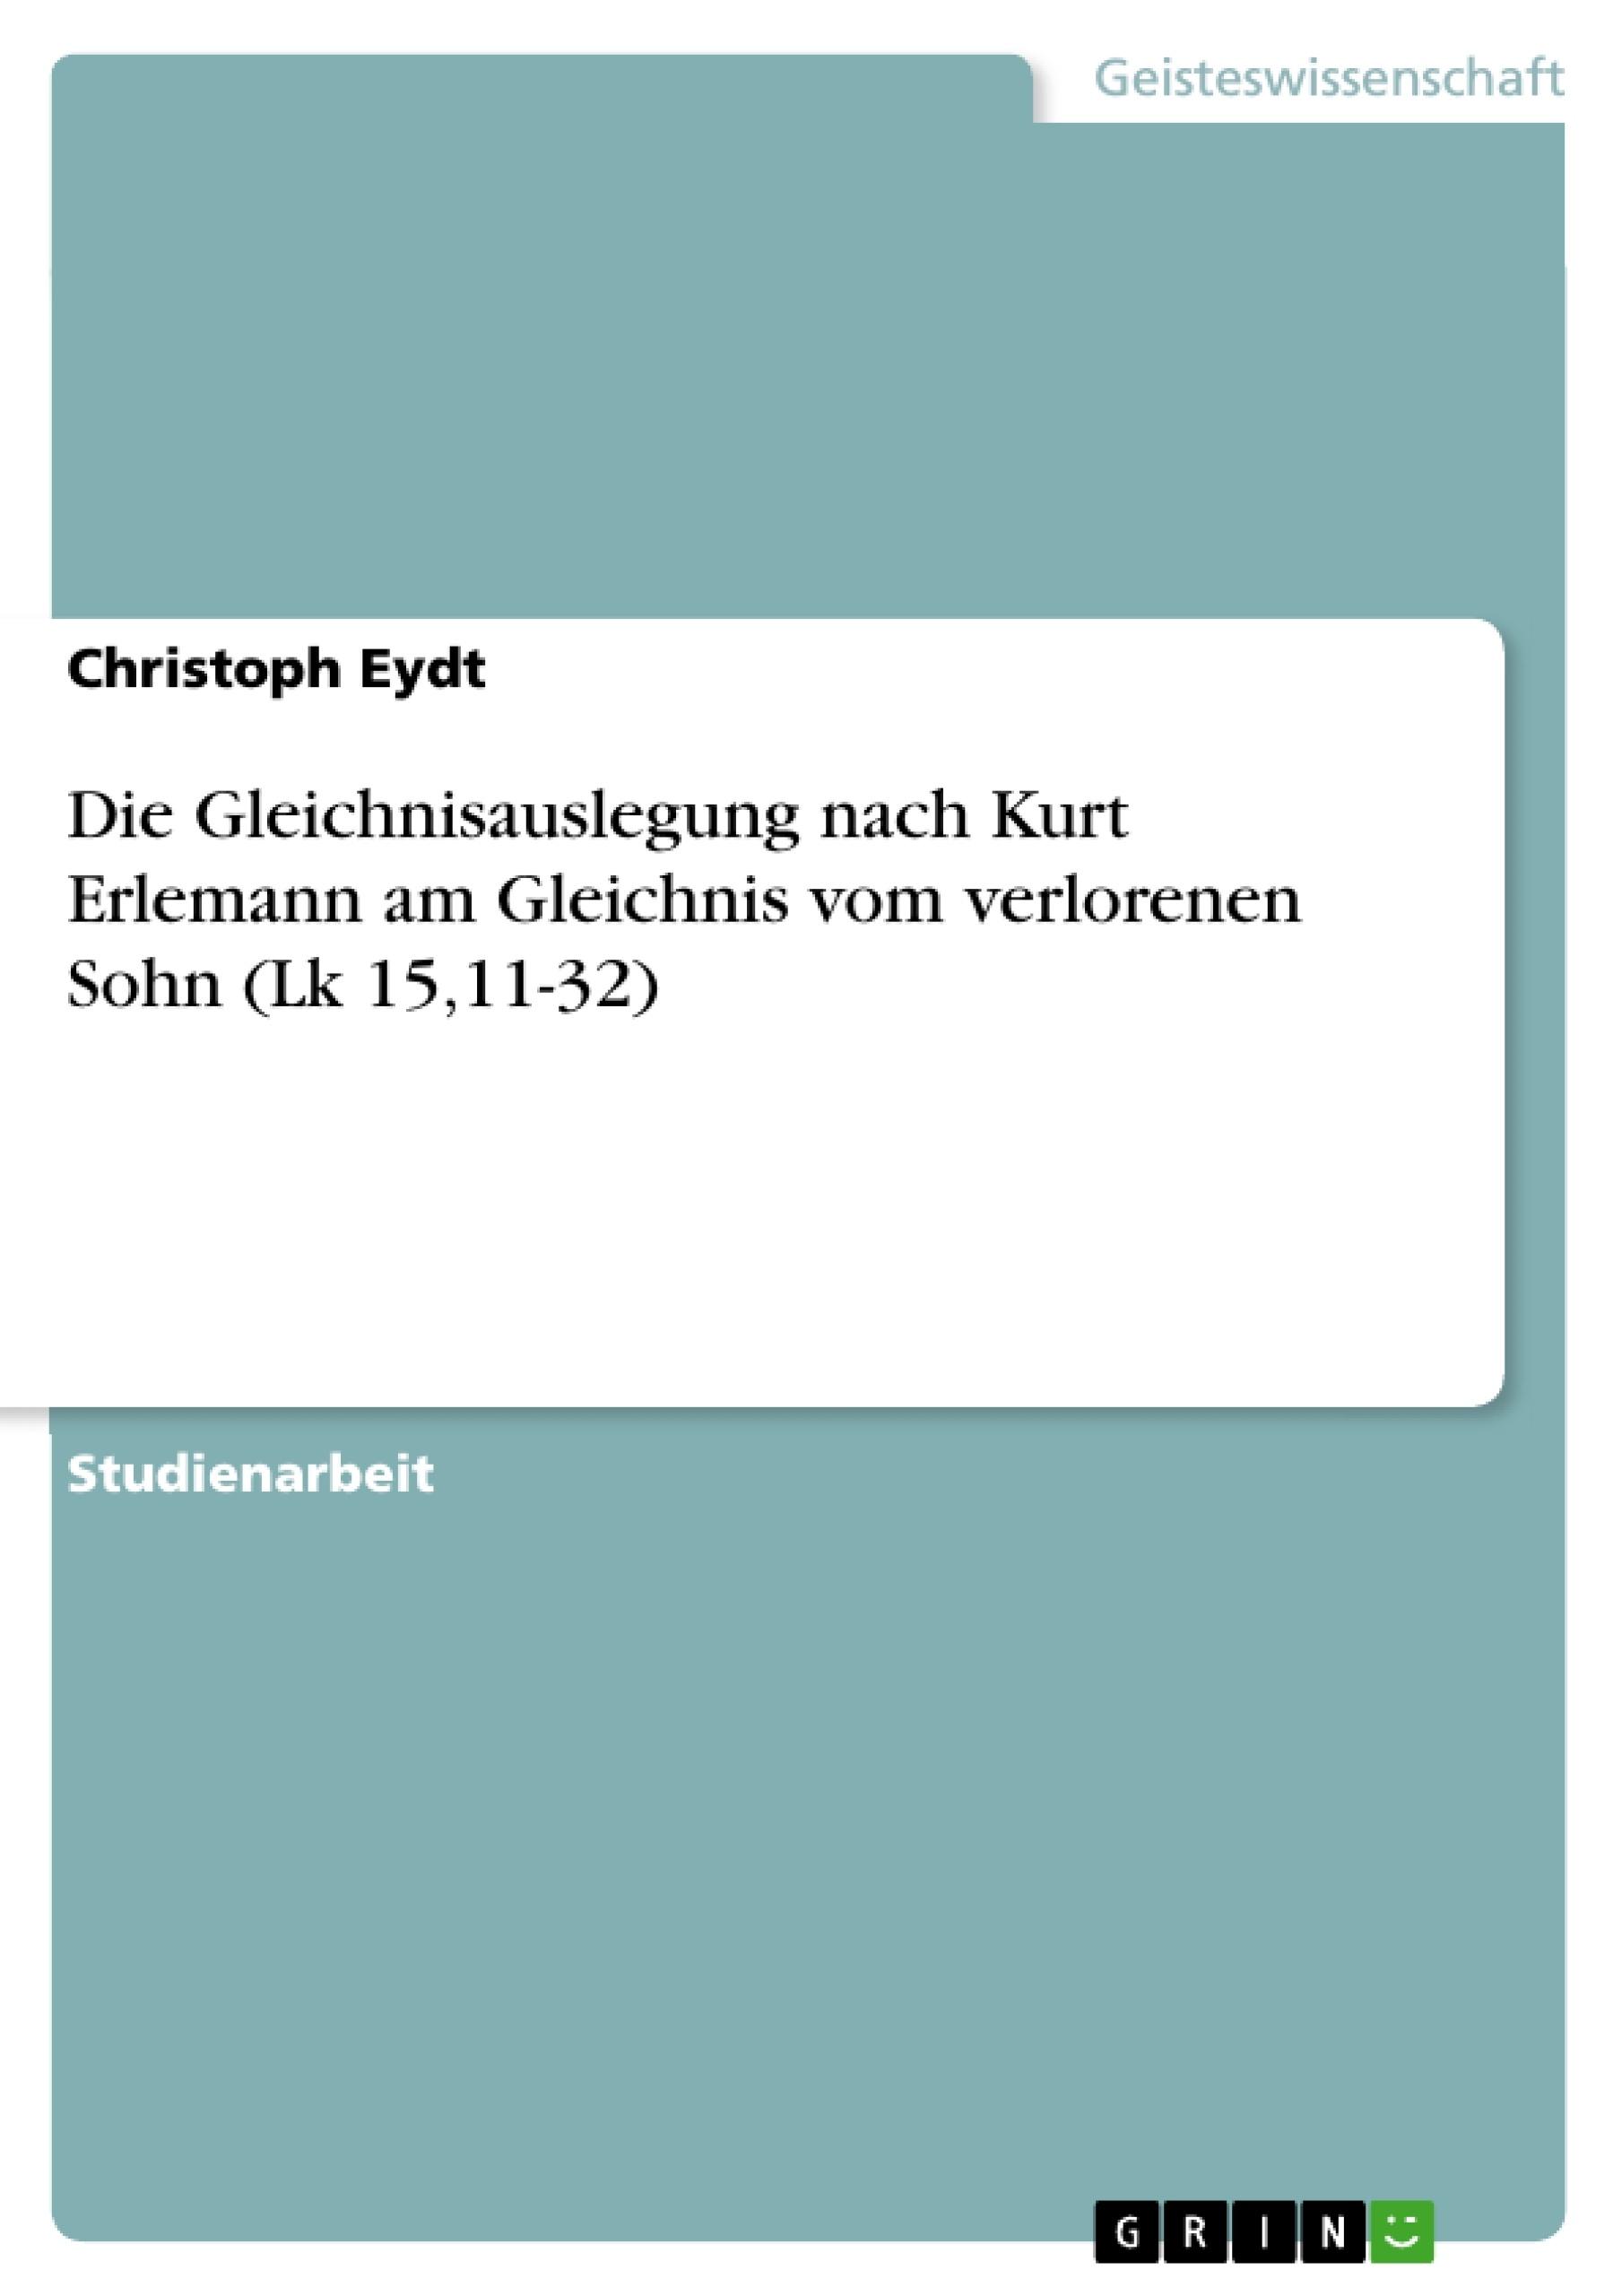 Titel: Die Gleichnisauslegung nach Kurt Erlemann am Gleichnis vom verlorenen Sohn (Lk 15,11-32)